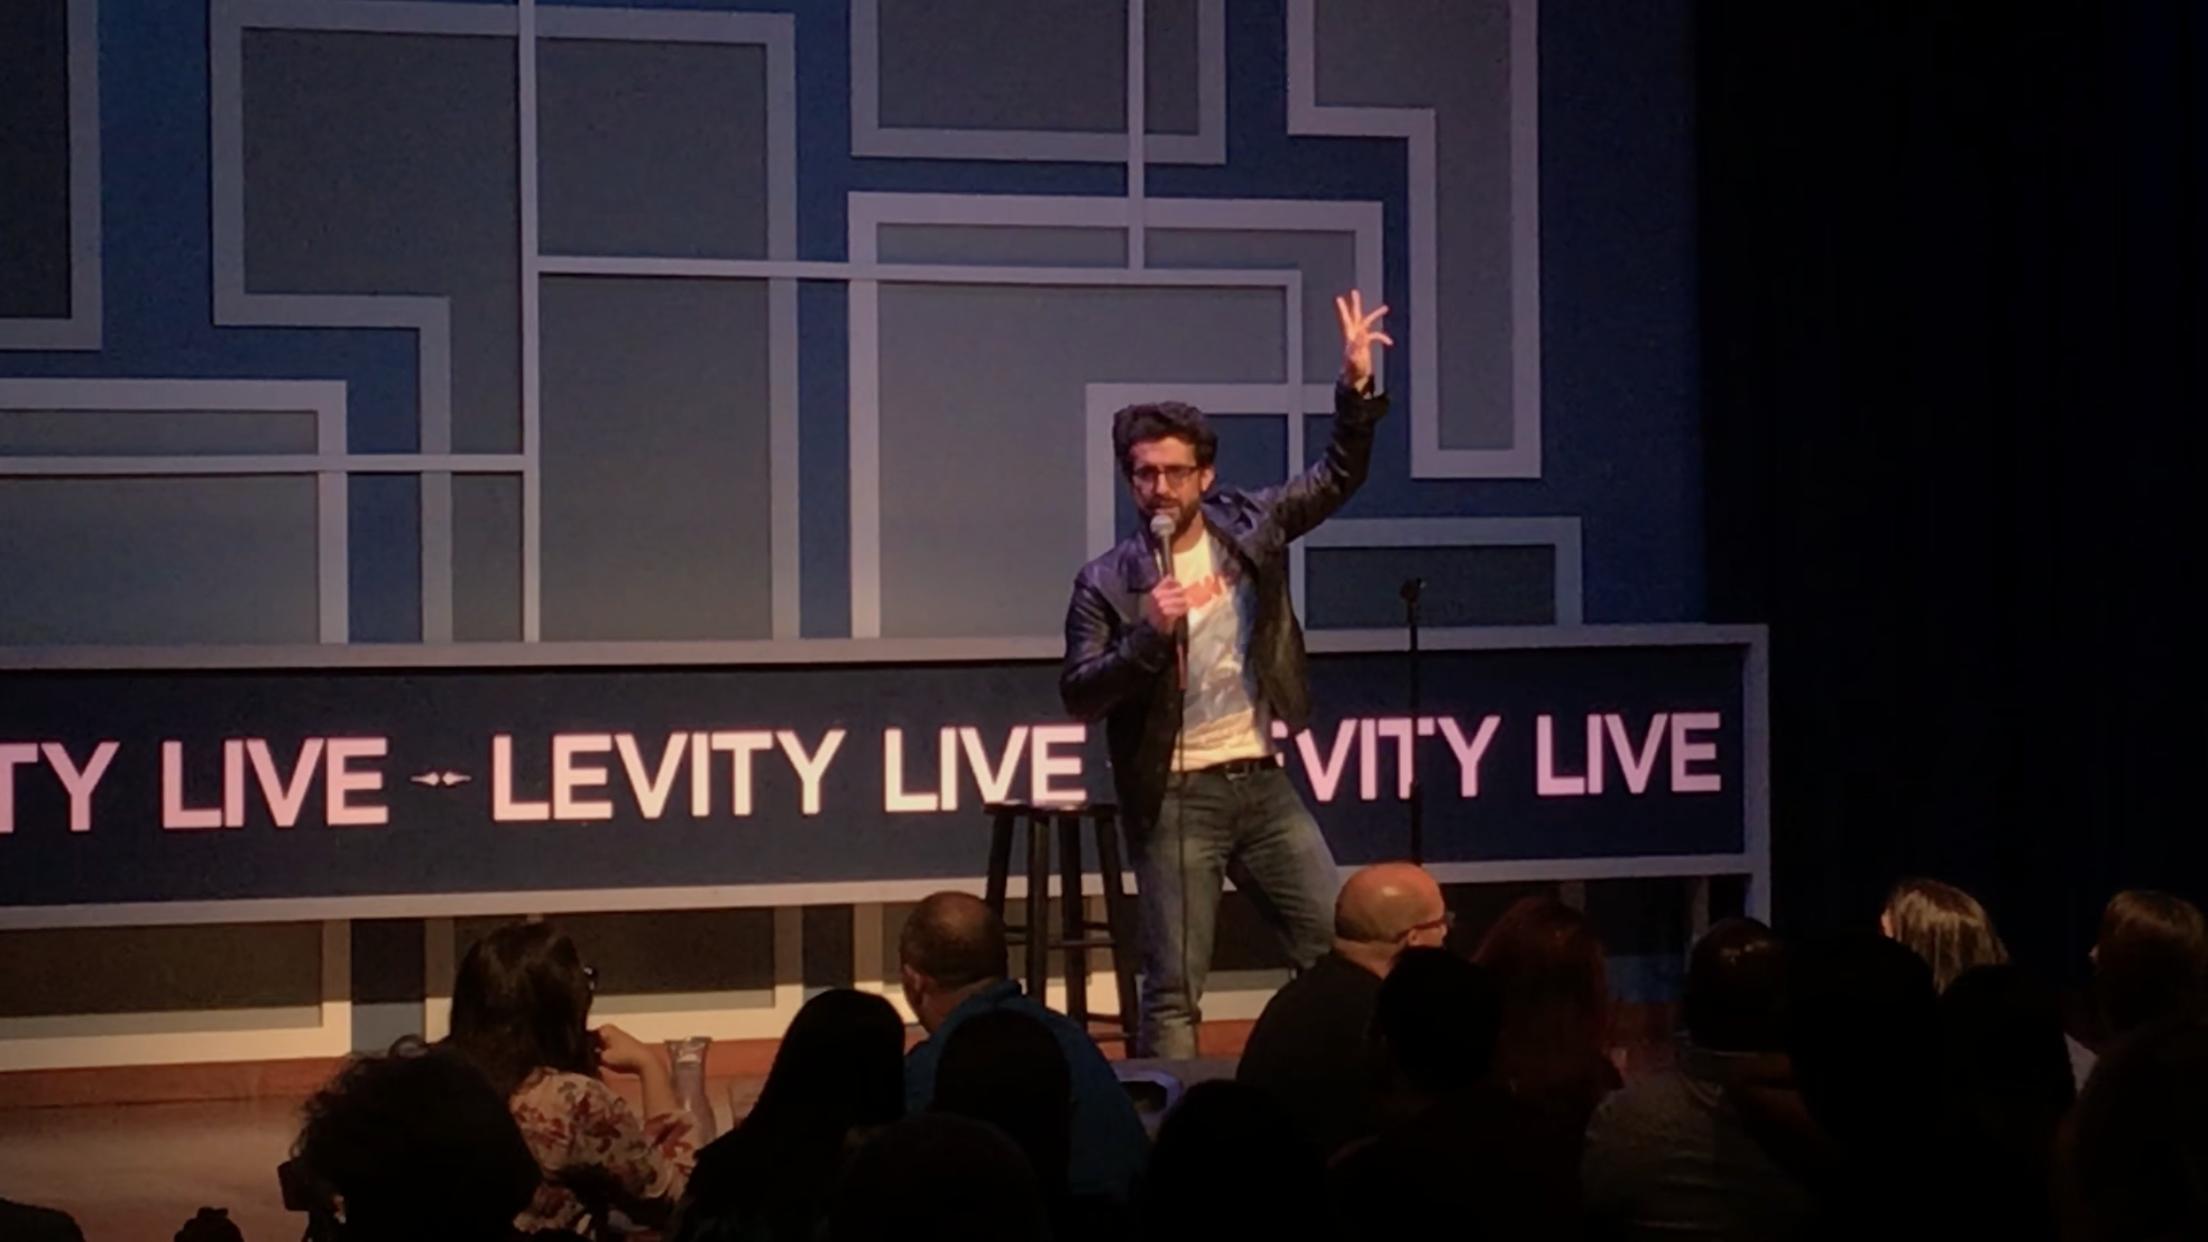 Levity Live - Nyack, NY